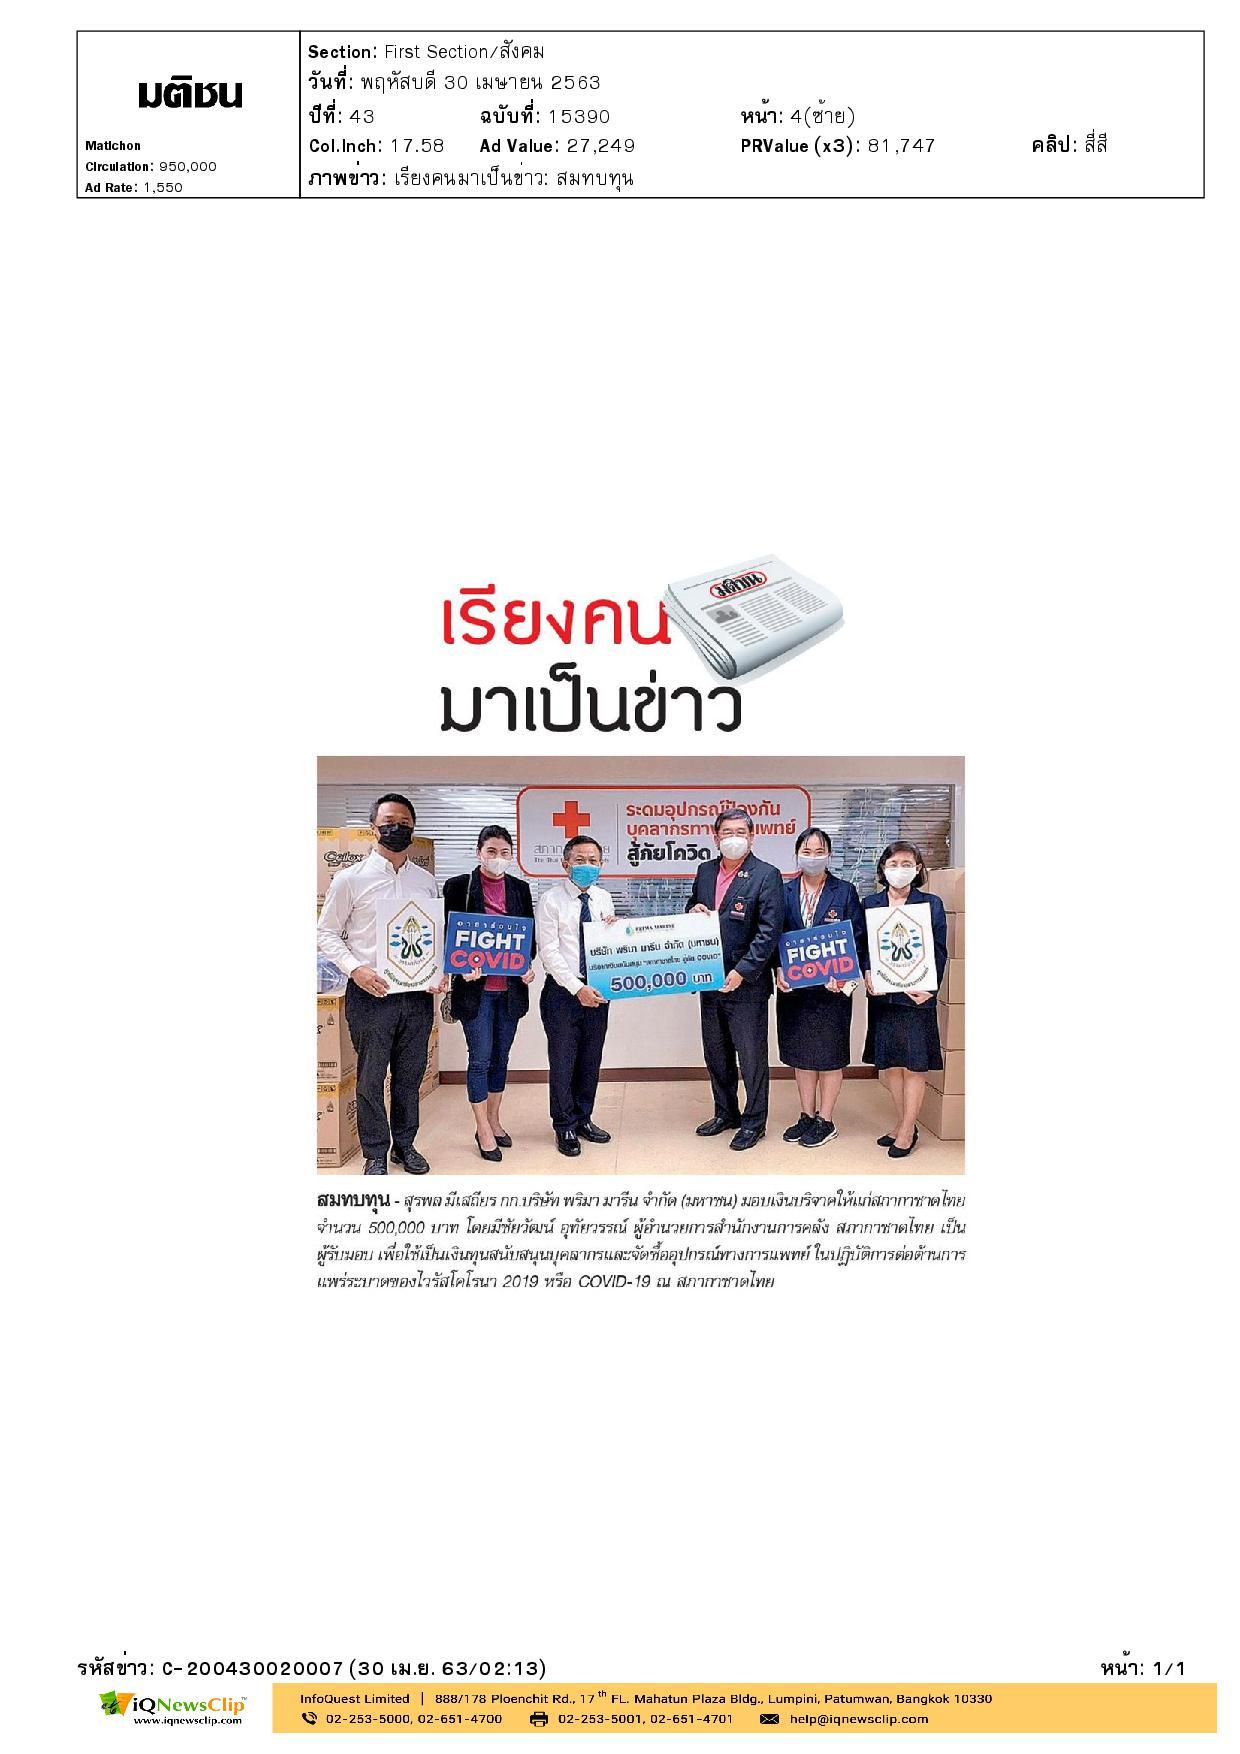 มอบเงินให้สภากาชาดไทย จัดซื้ออุปกรณ์ทางการแพทย์